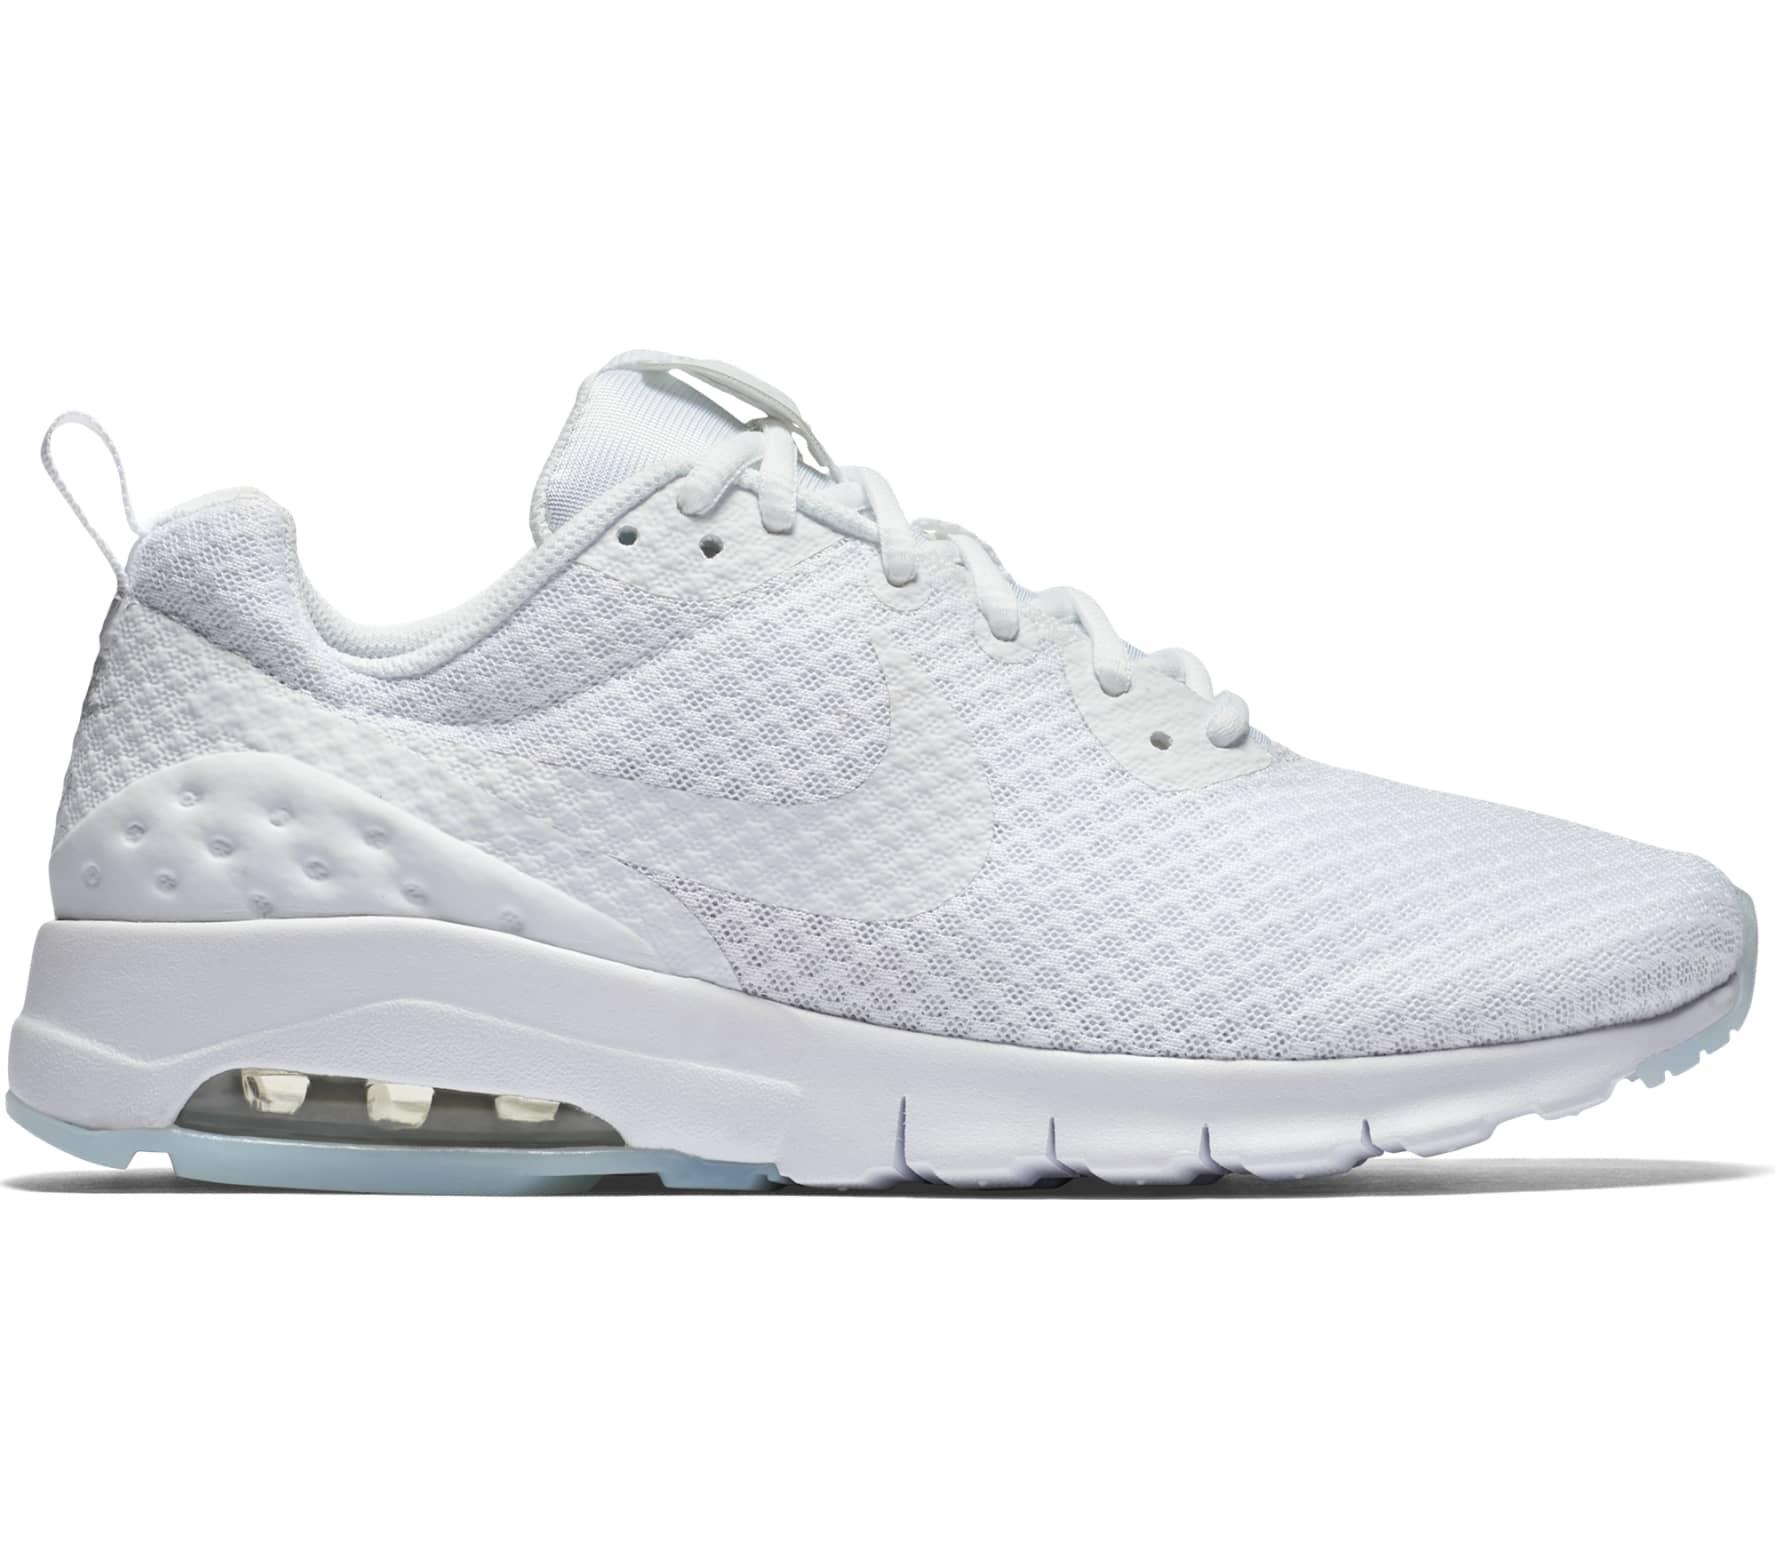 Nike - AM16 UL Dam sneaker (vit) - EU 38 - US 7